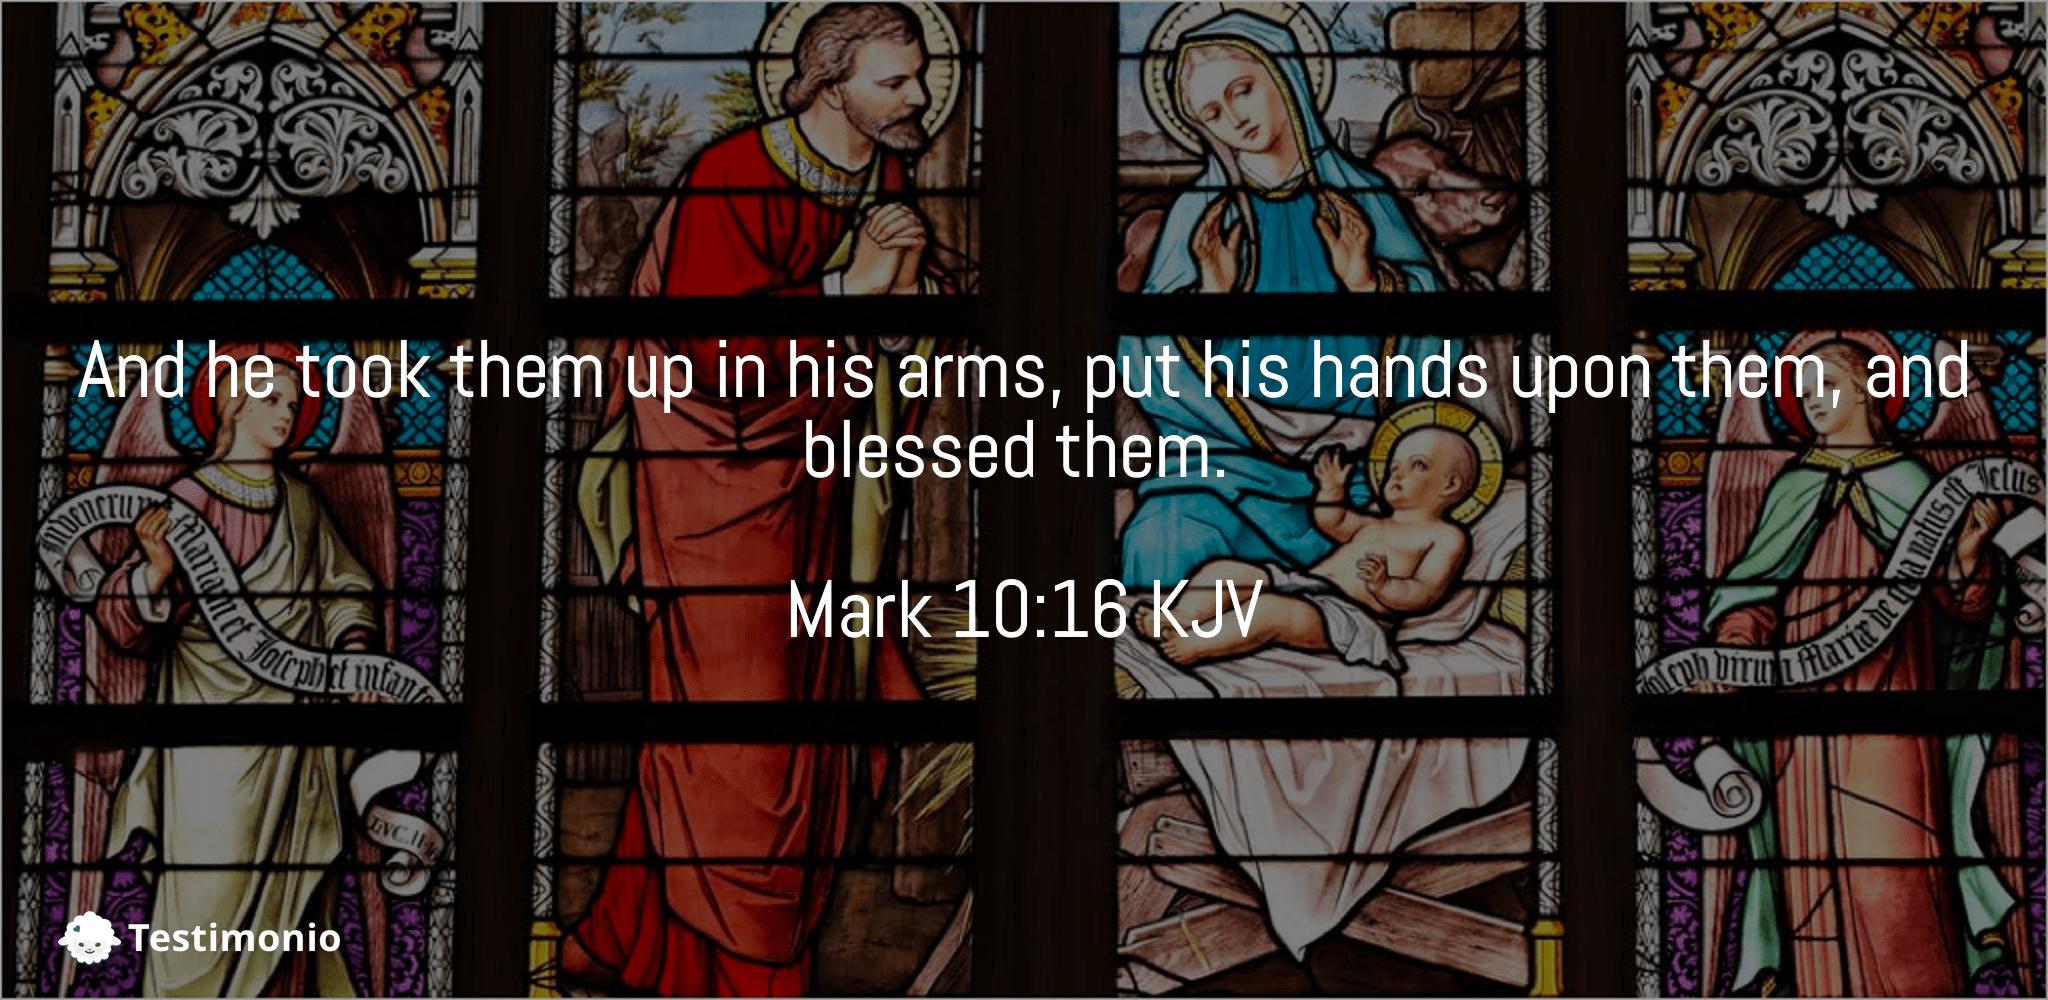 Mark 10:16